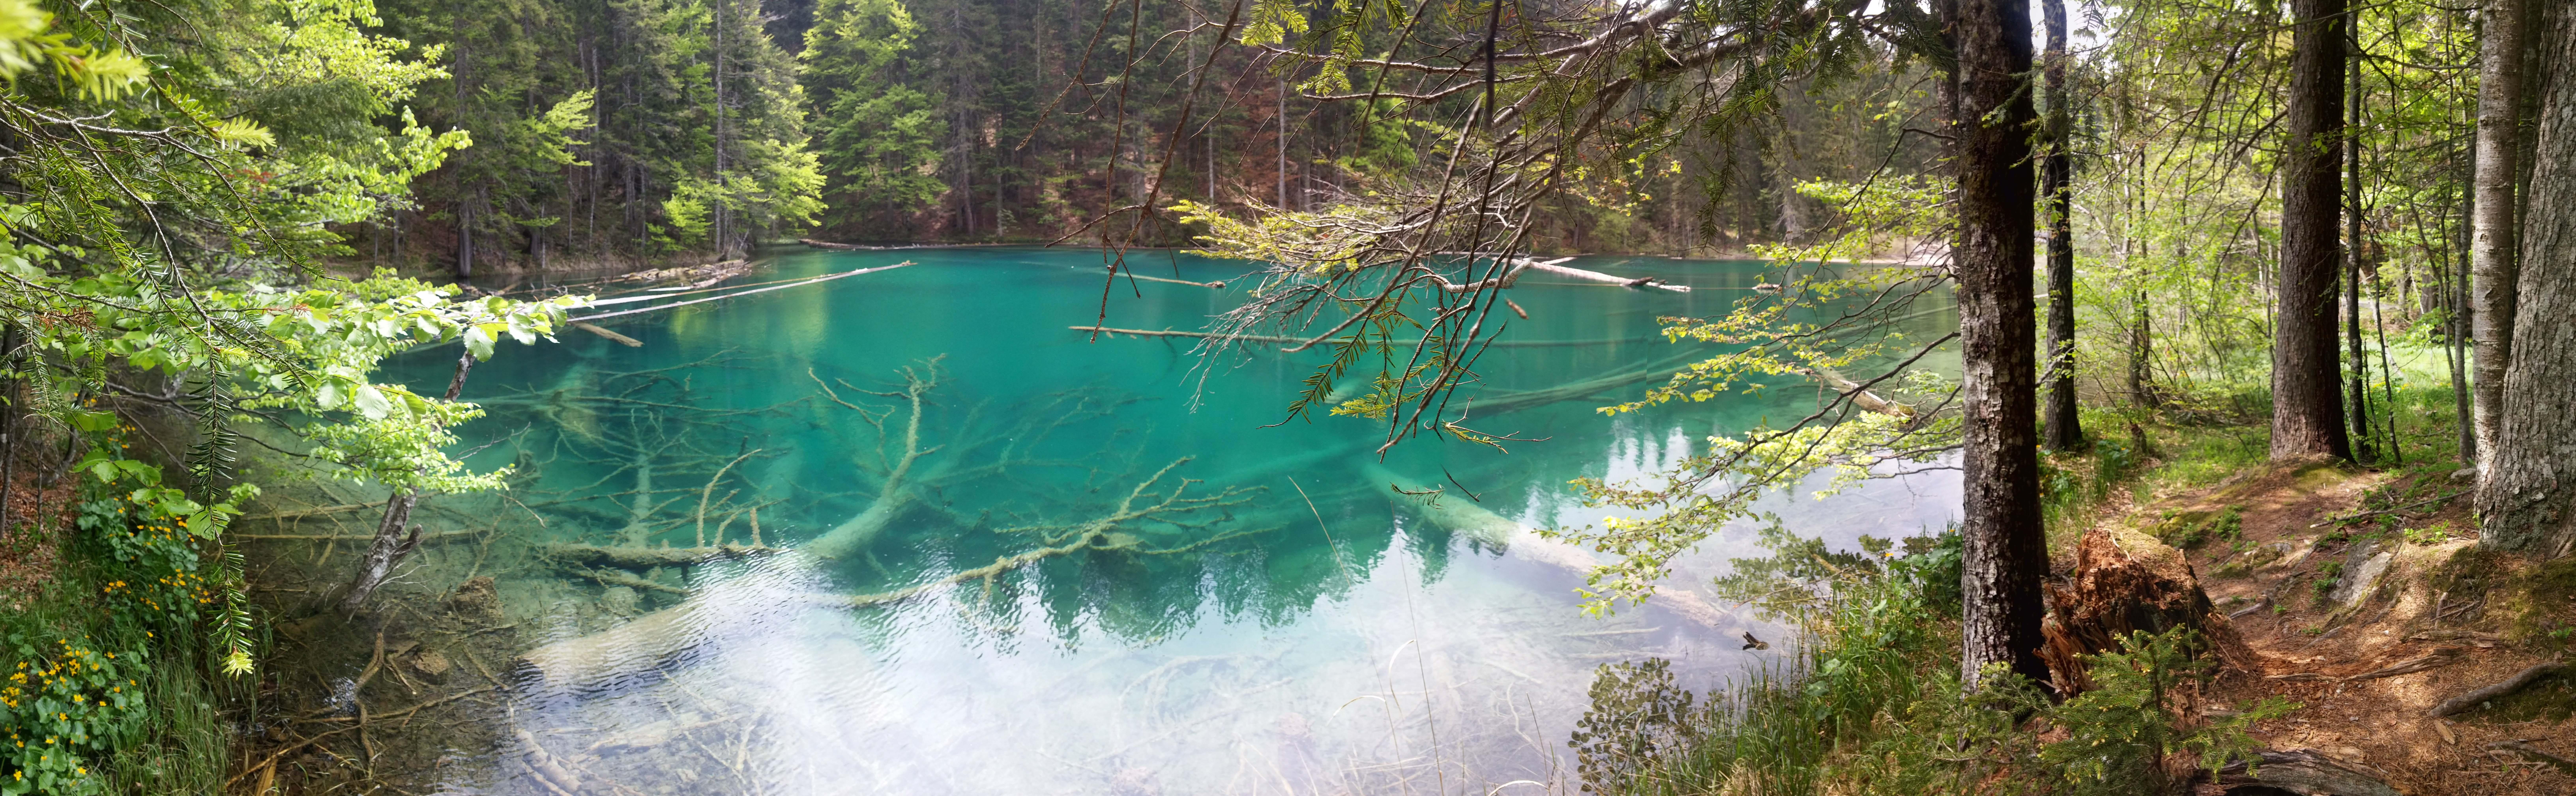 Glasklarer See offenbart wunderbare Unterwasserwelten